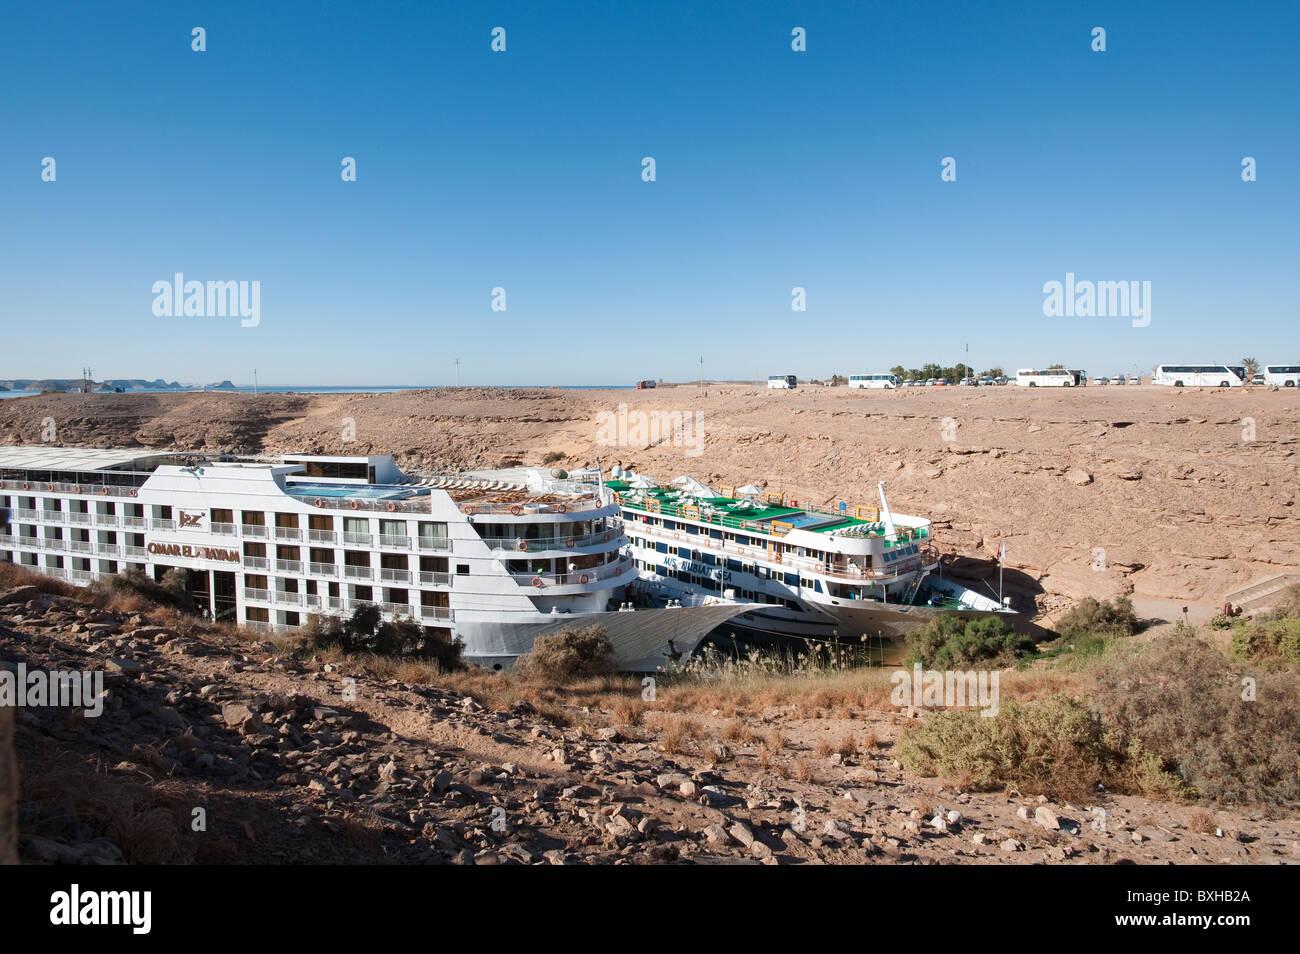 Egypt, Abu Simbel. Nile cruise ships. - Stock Image